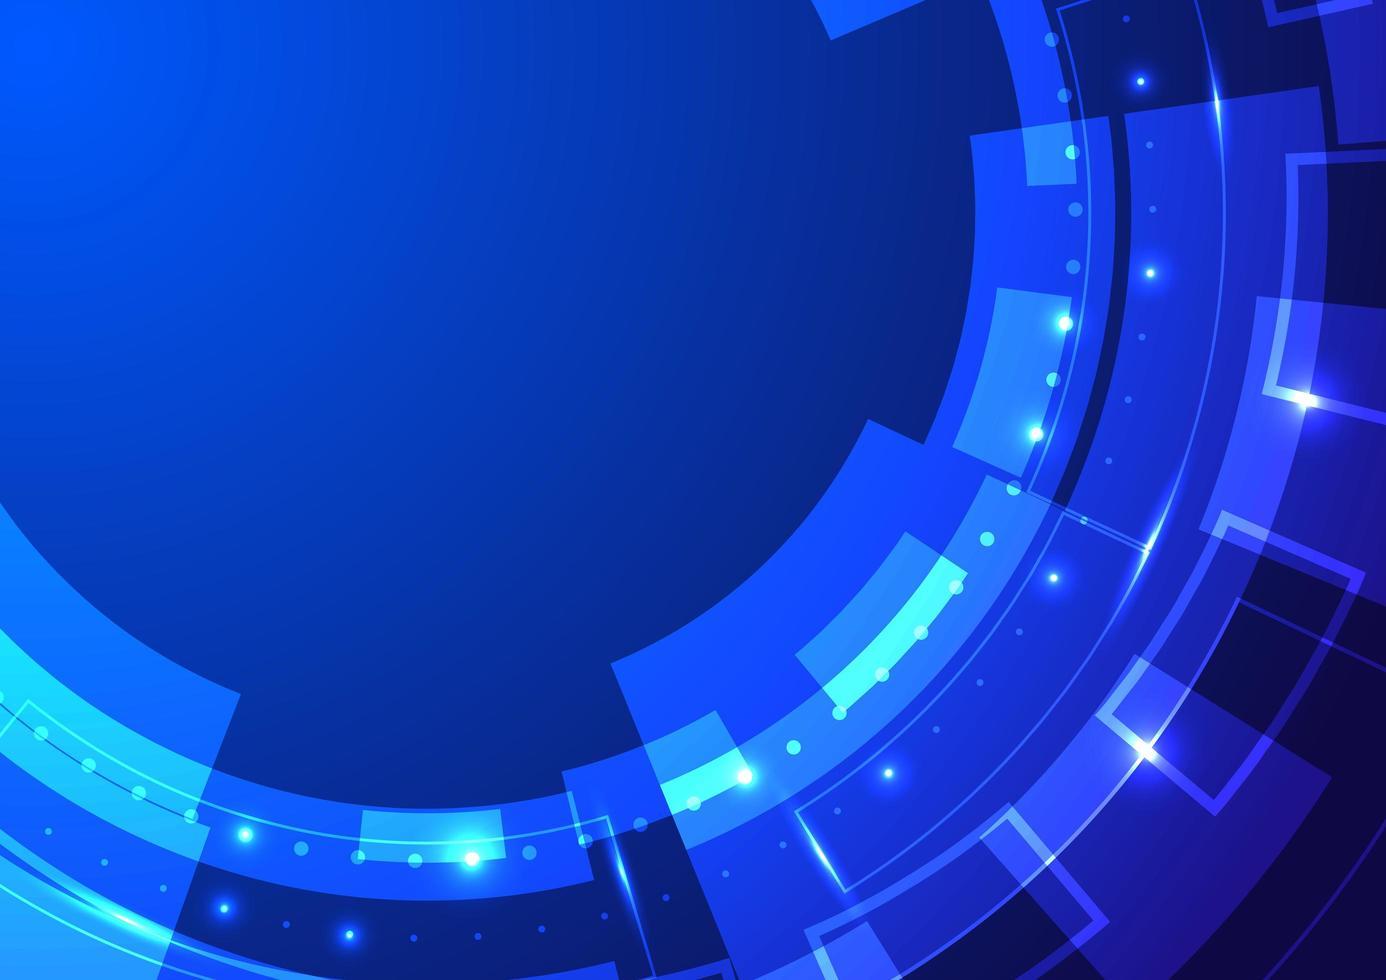 abstrakt teknik blå hjul neonbelysning vektor